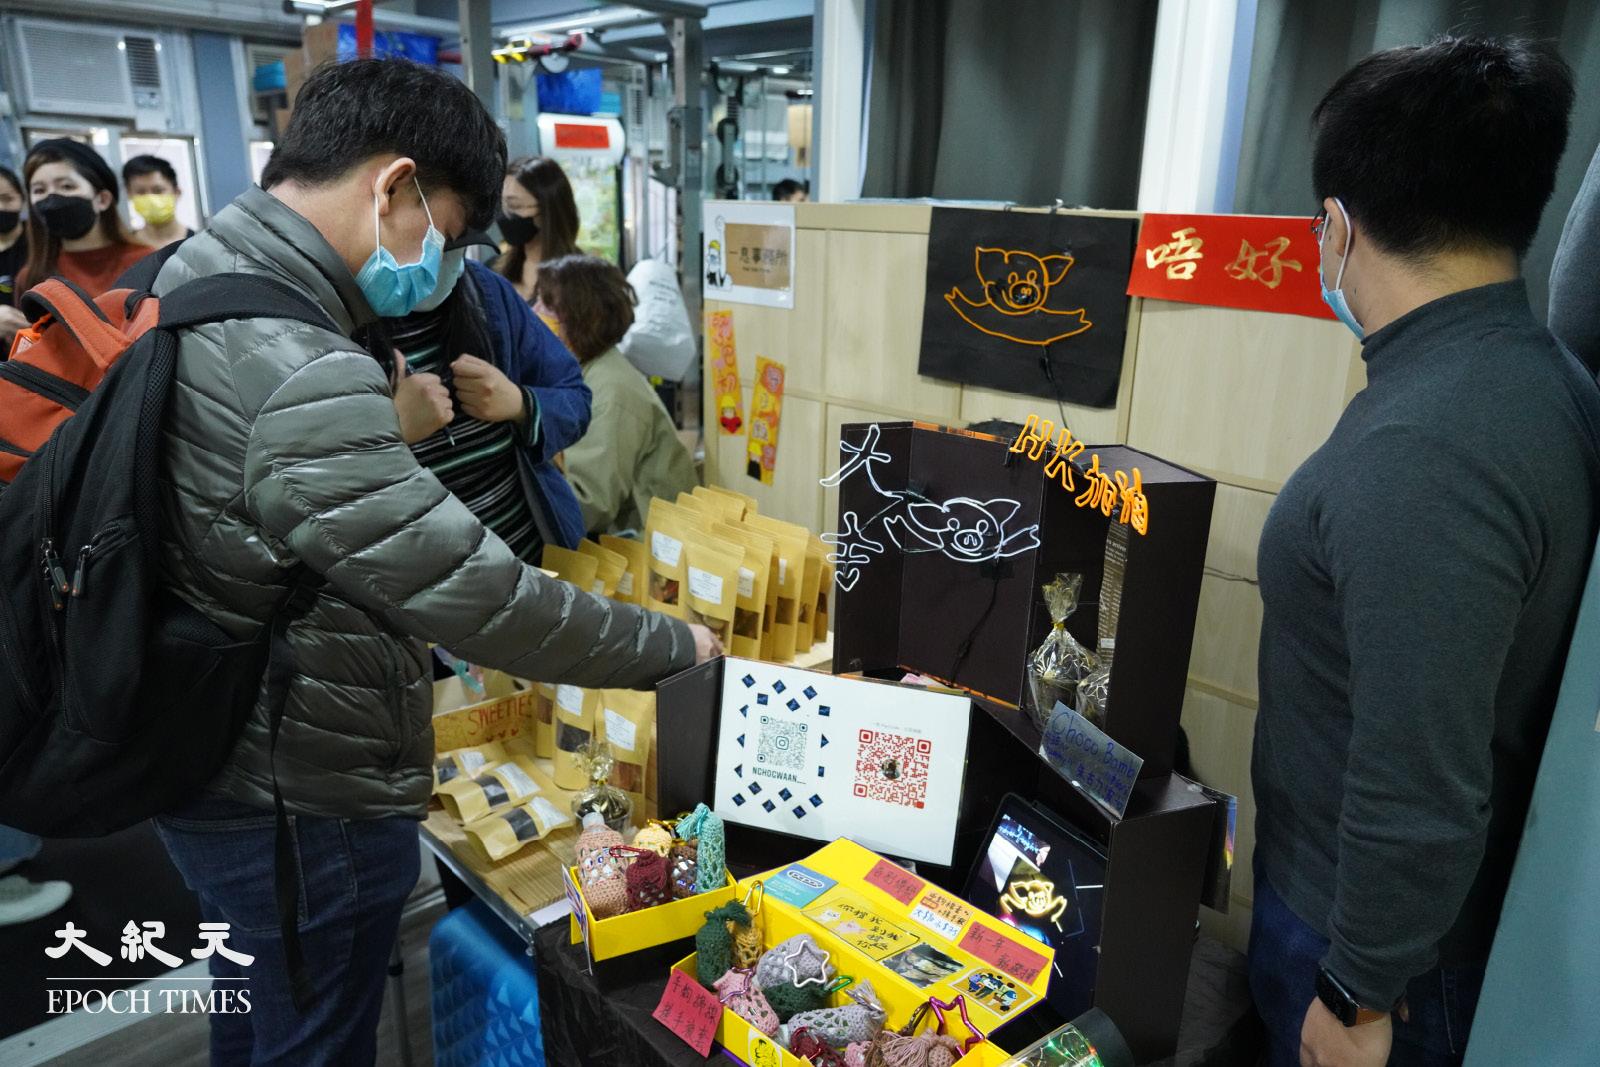 市民在市集選購商品。(余鋼/大紀元)